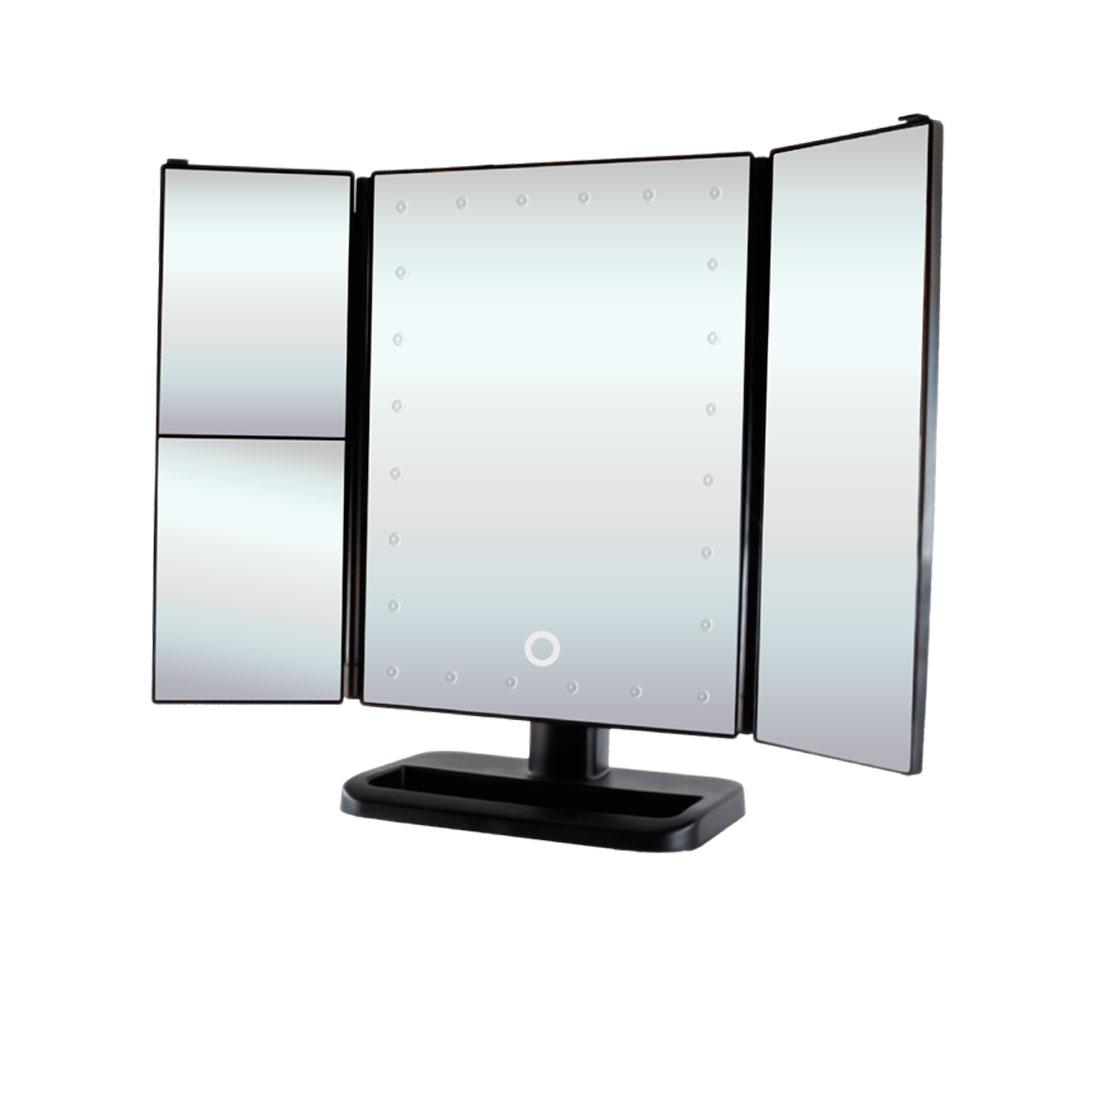 Косметическое зеркало GESS uLike GESS-805, подсветка 24 LED лампы фото